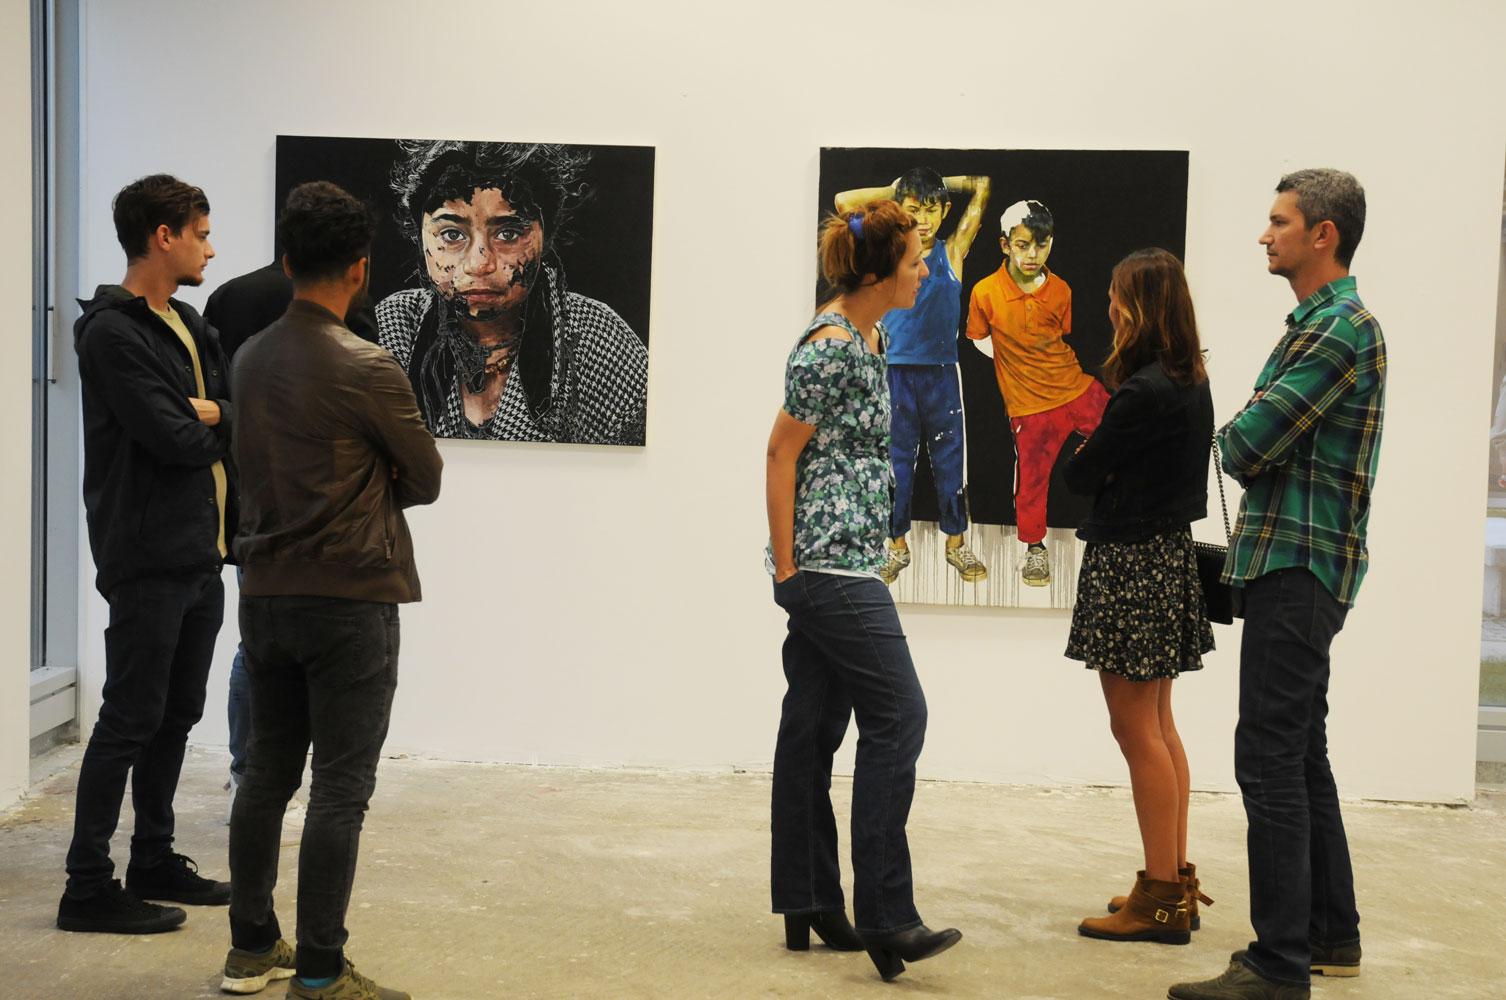 Daniel Brici, solo show Copiii care nu se vad @ Nasui collection & gallery Bucuresti (16)